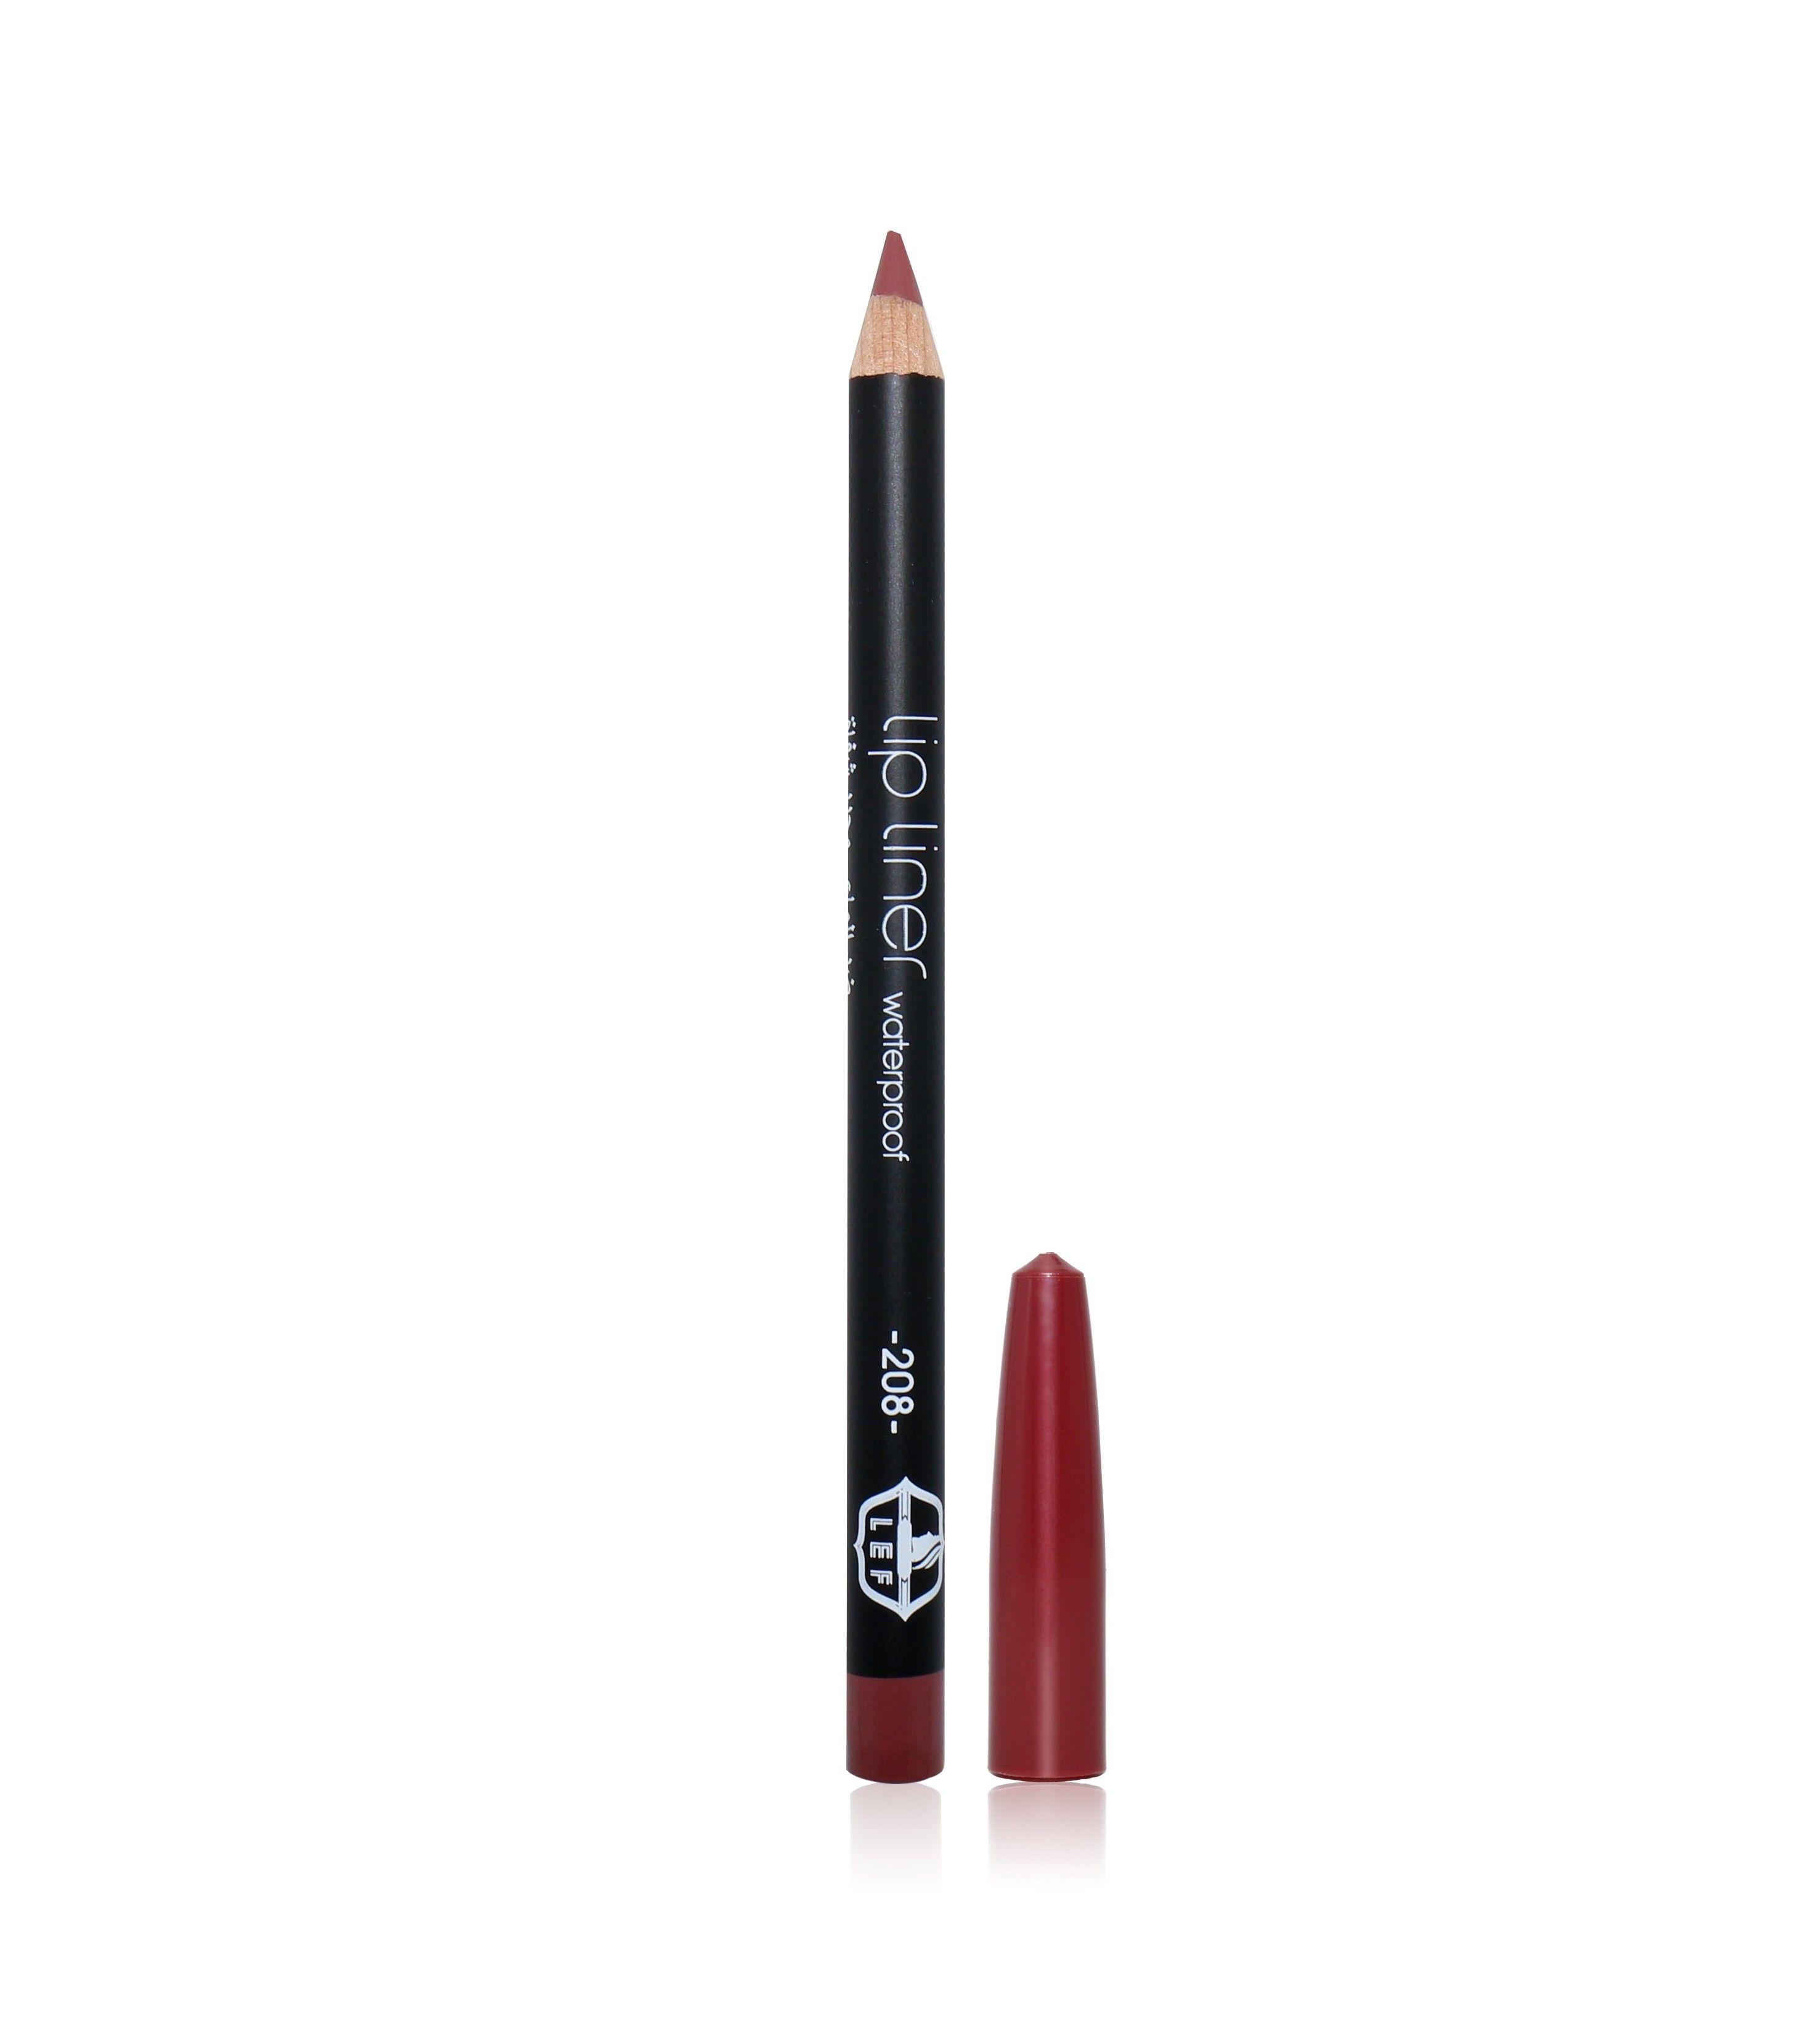 Lef Lip Lip Liner ليف محدد ليف مكياج Lip Liner Lips Beauty